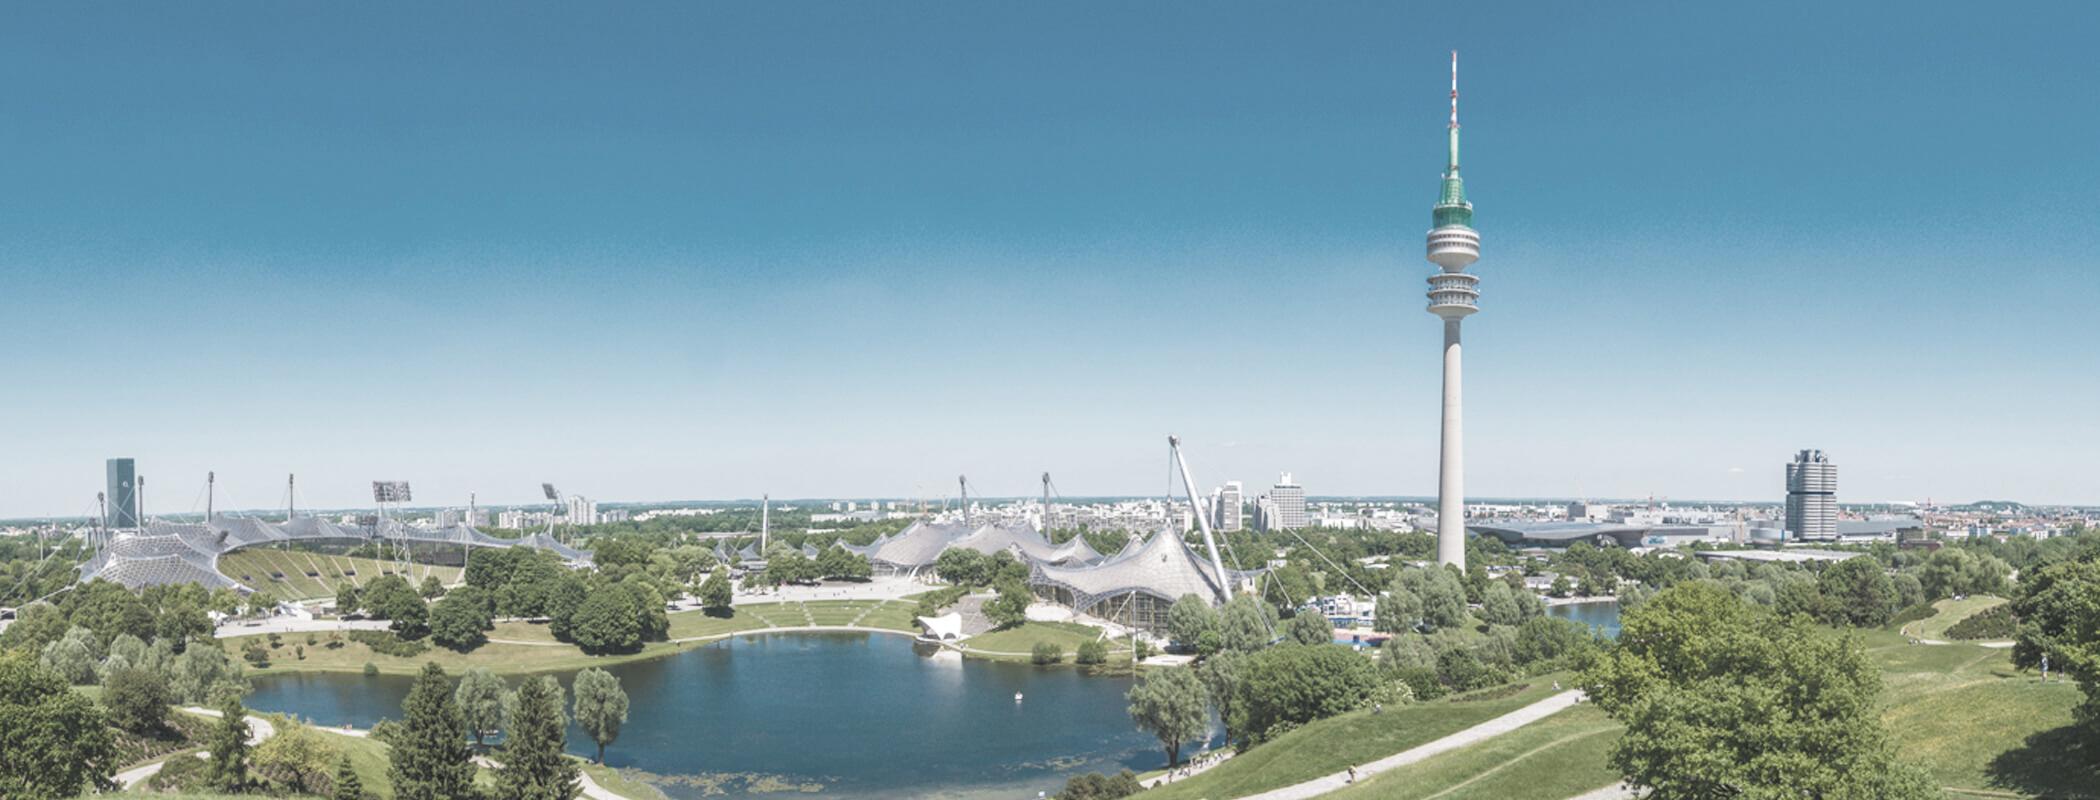 Kontakt München